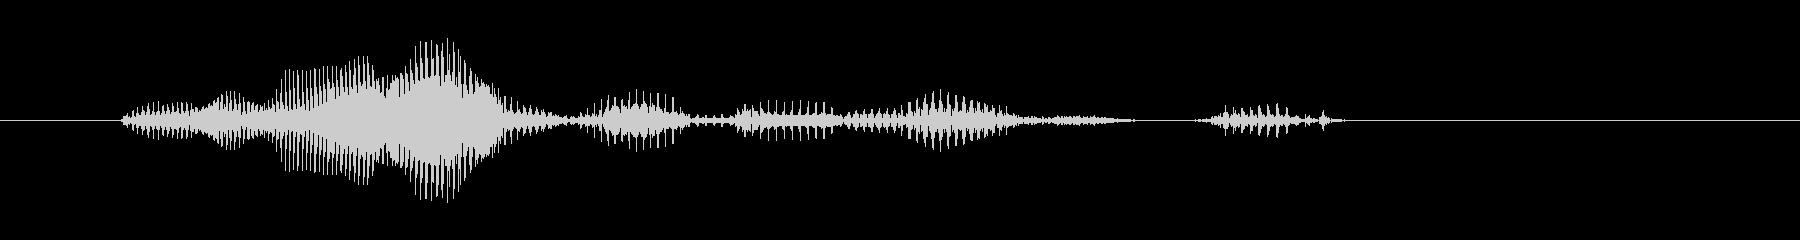 エラーが出ましたの未再生の波形